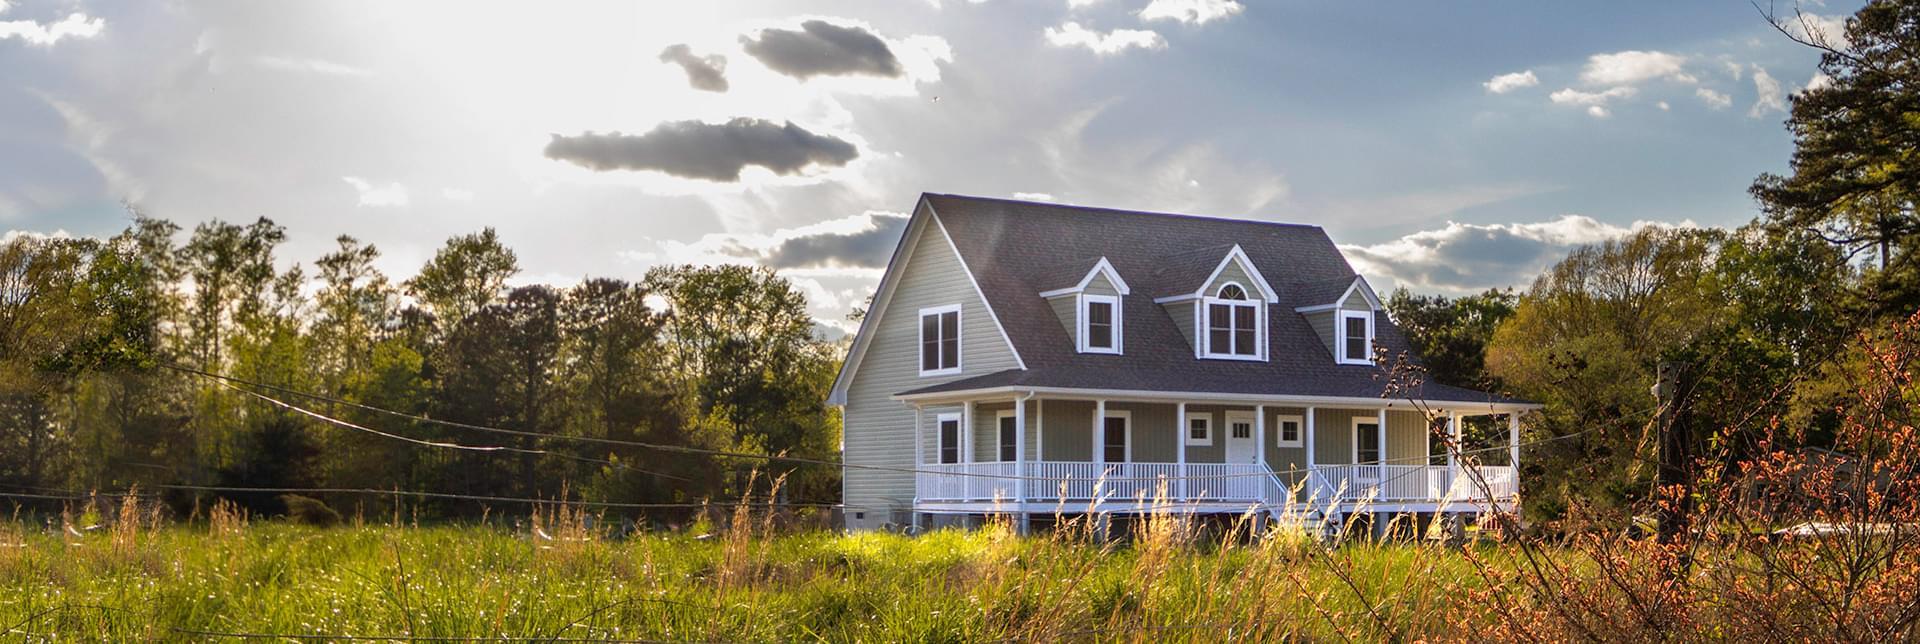 New Homes in Shenandoah County VA